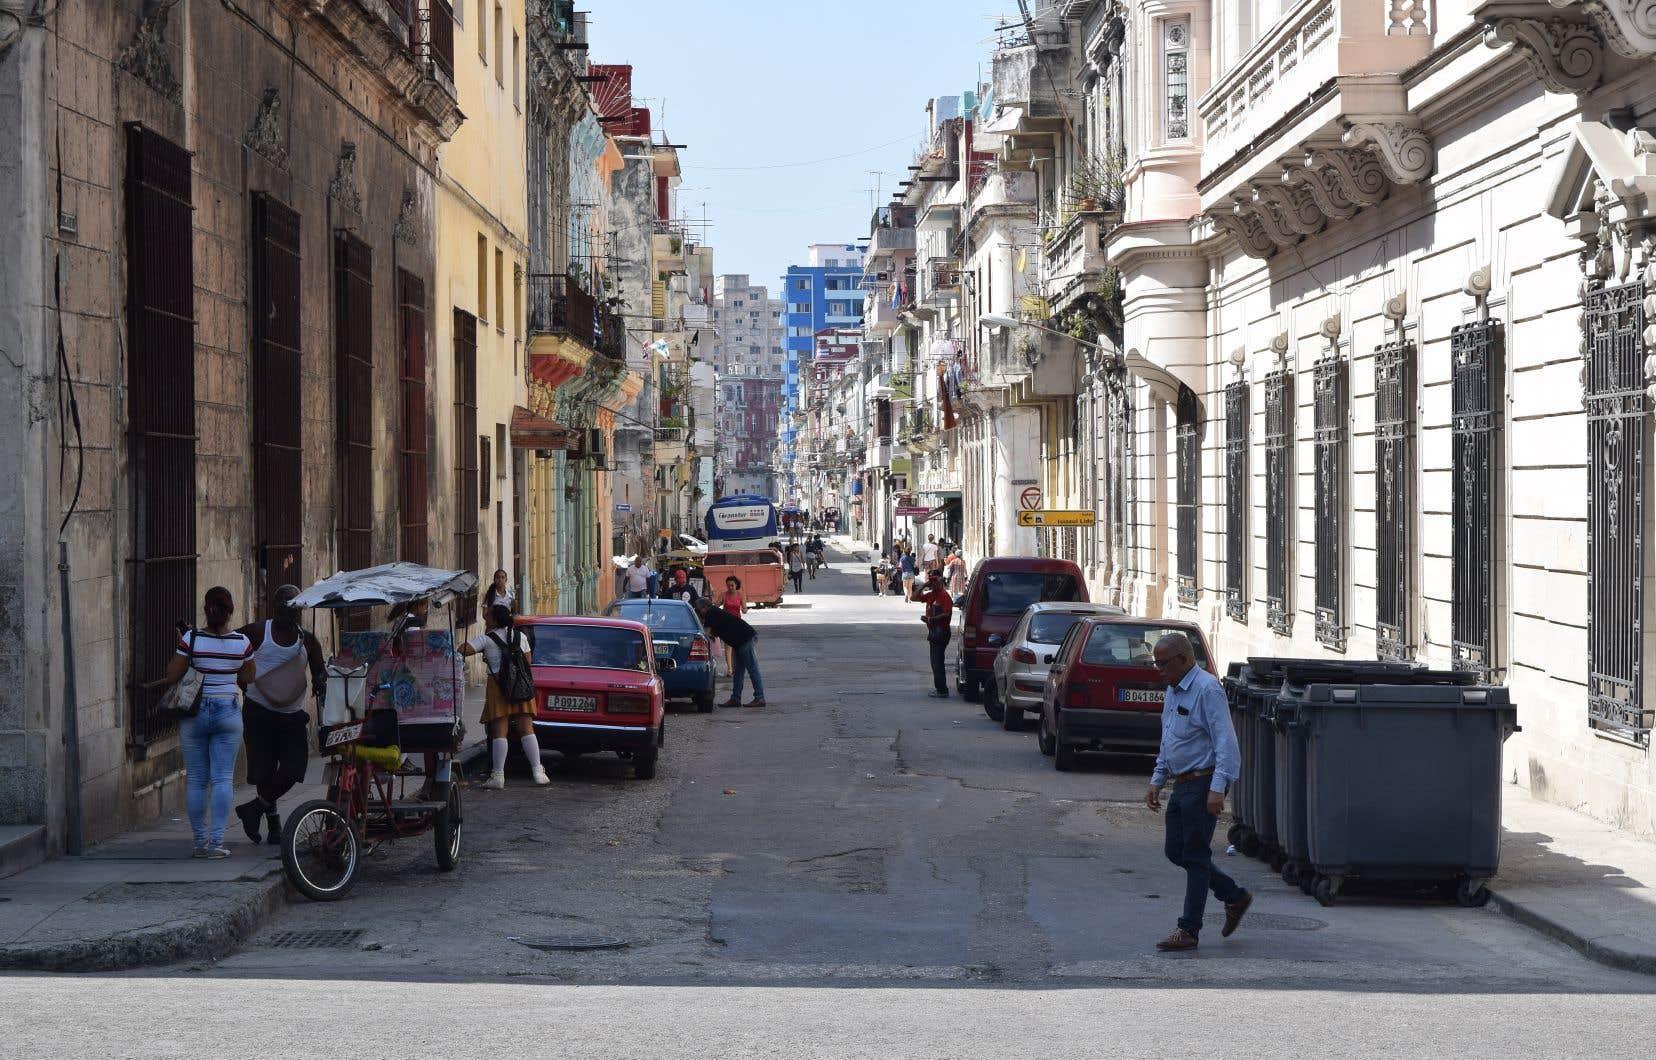 La Maison-Blanche doit signaler, d'un jour à l'autre, si elle entend activer pleinement une ancienne loi adoptée en 1996 pour resserrer l'embargo économique américain contre Cuba.